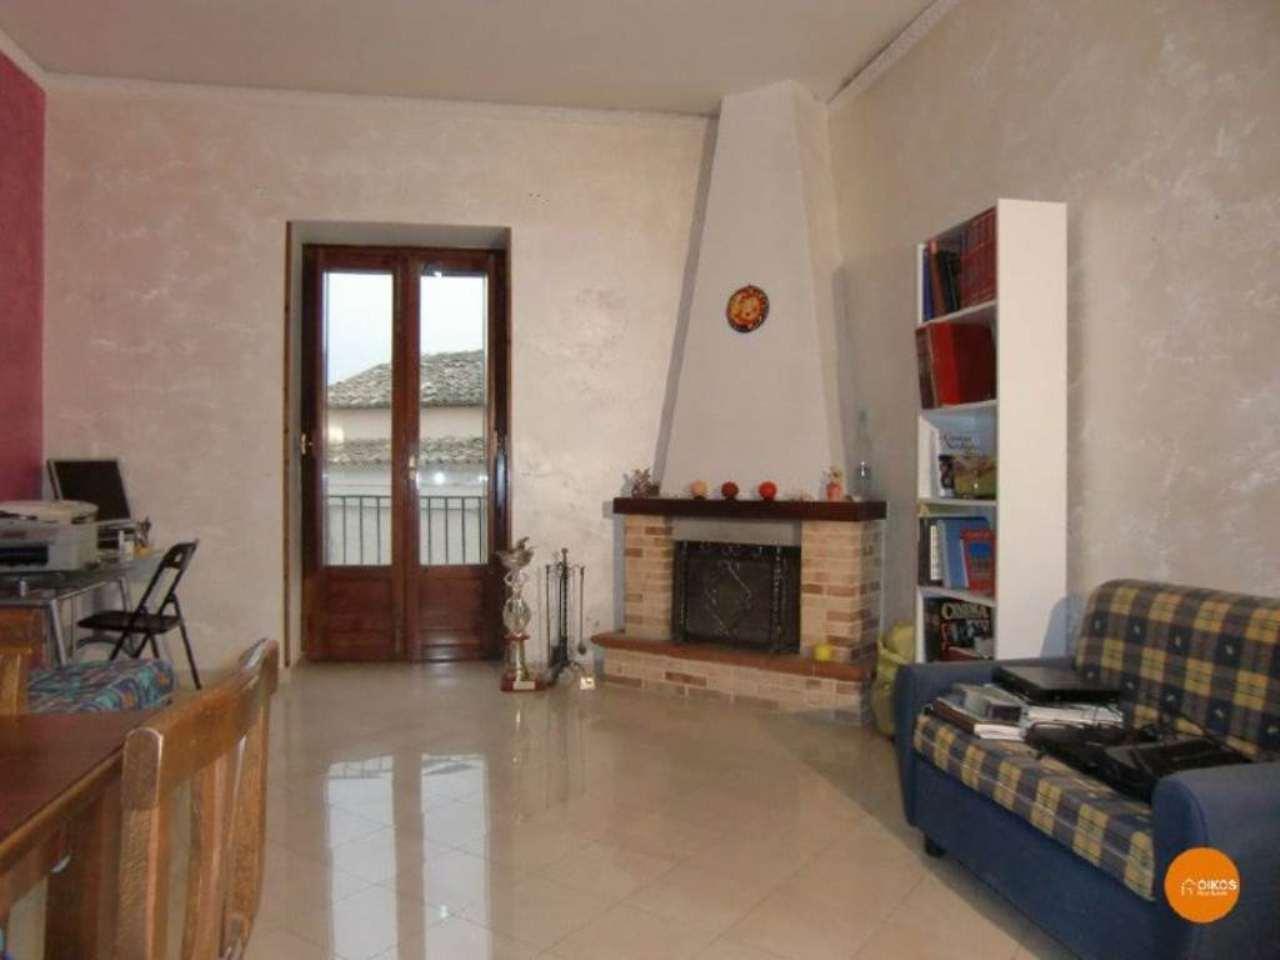 Soluzione Indipendente in vendita a Noto, 3 locali, prezzo € 120.000 | Cambio Casa.it